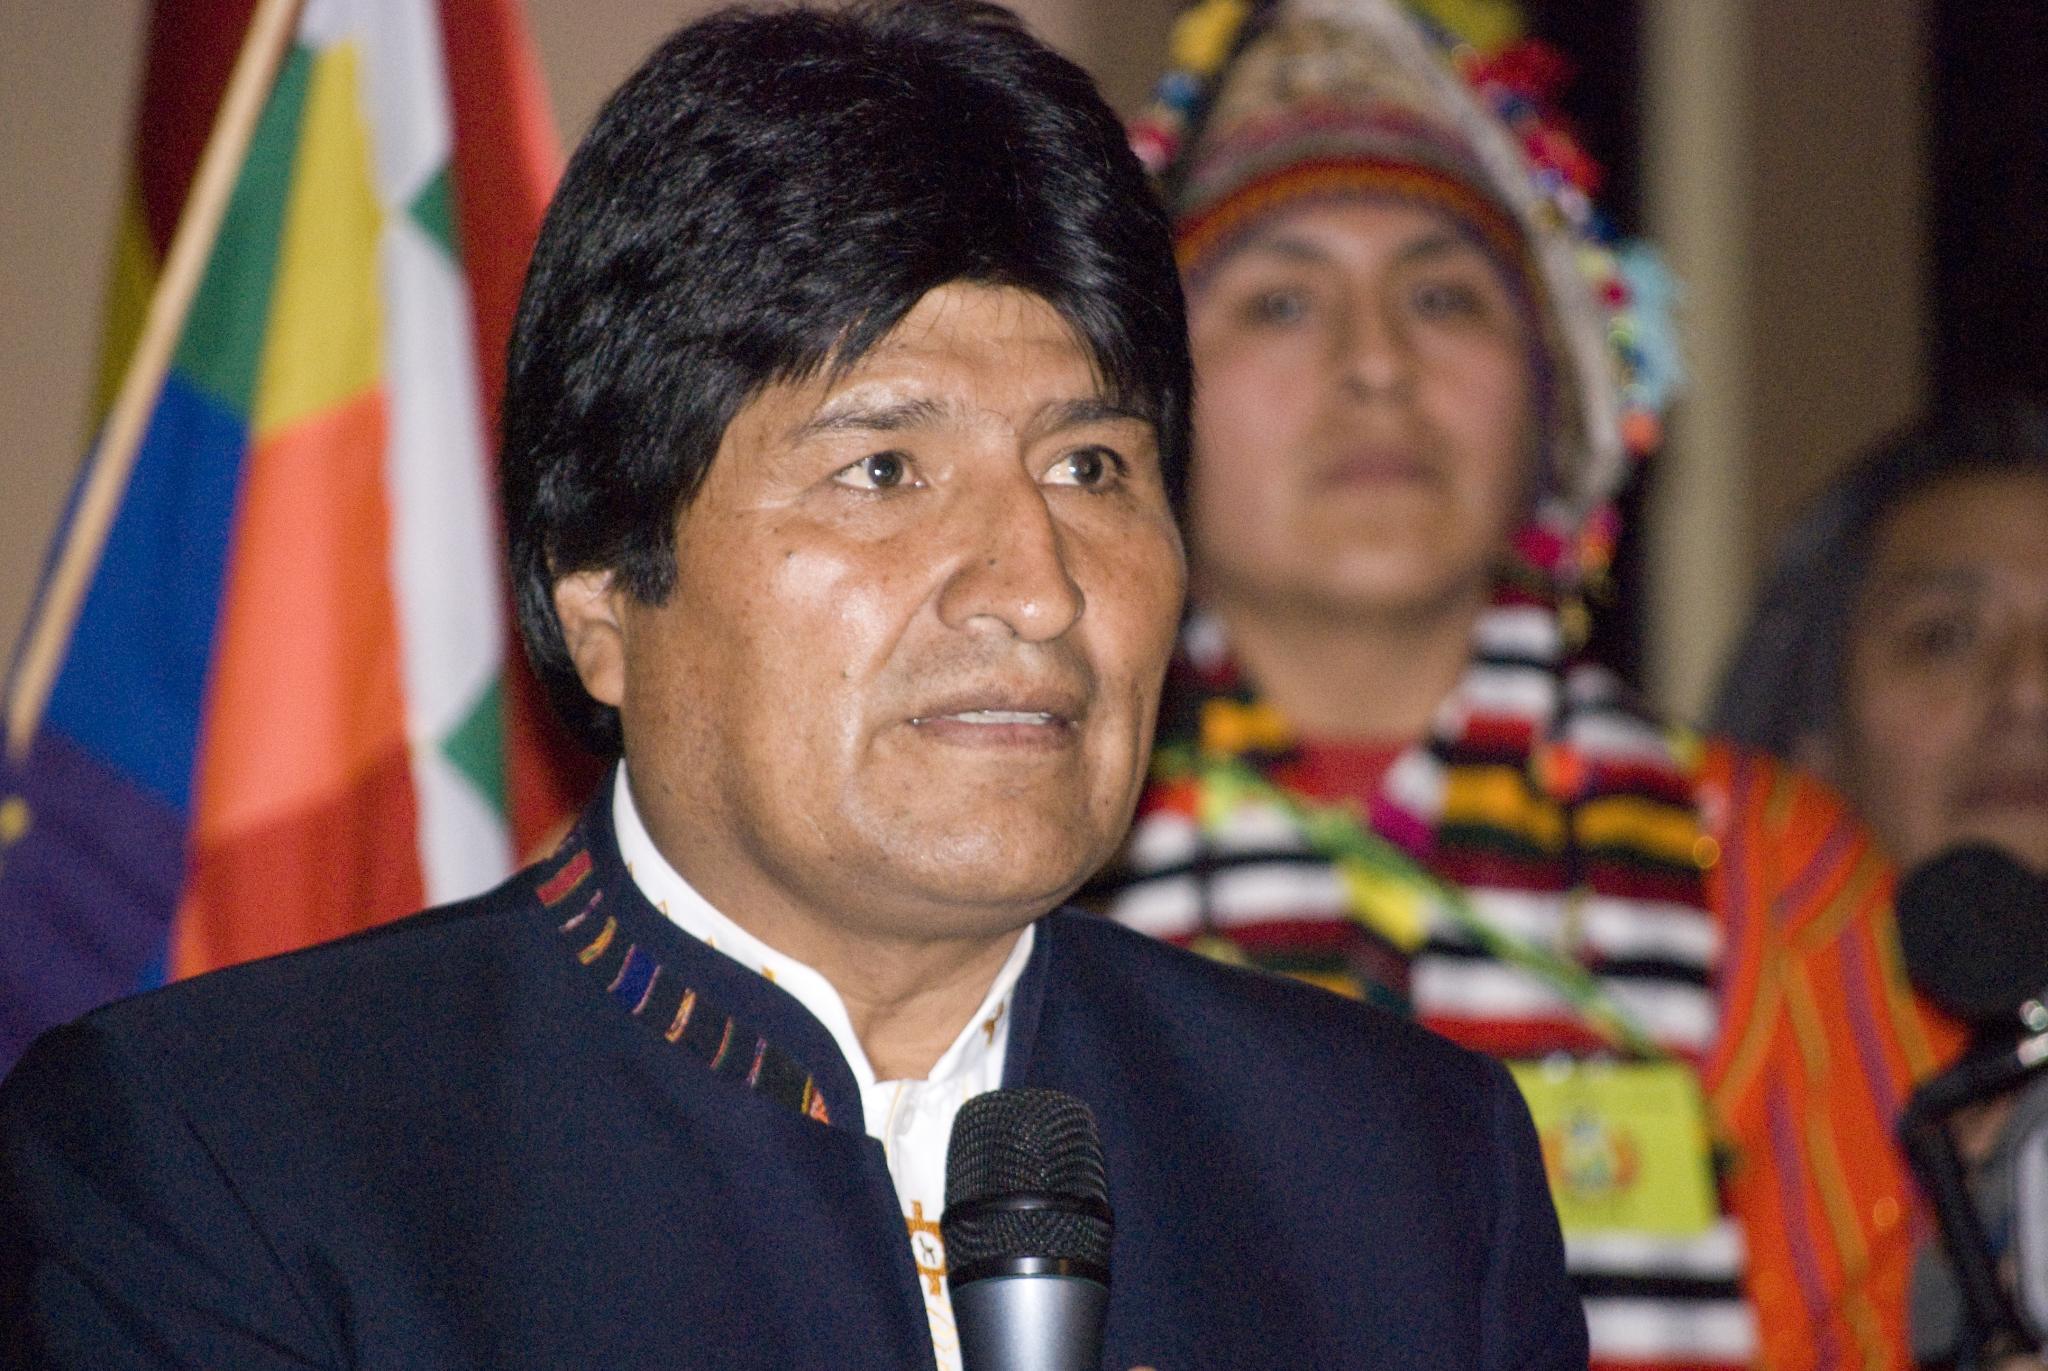 Evo-Morales-indigenous-Bolivia.jpg